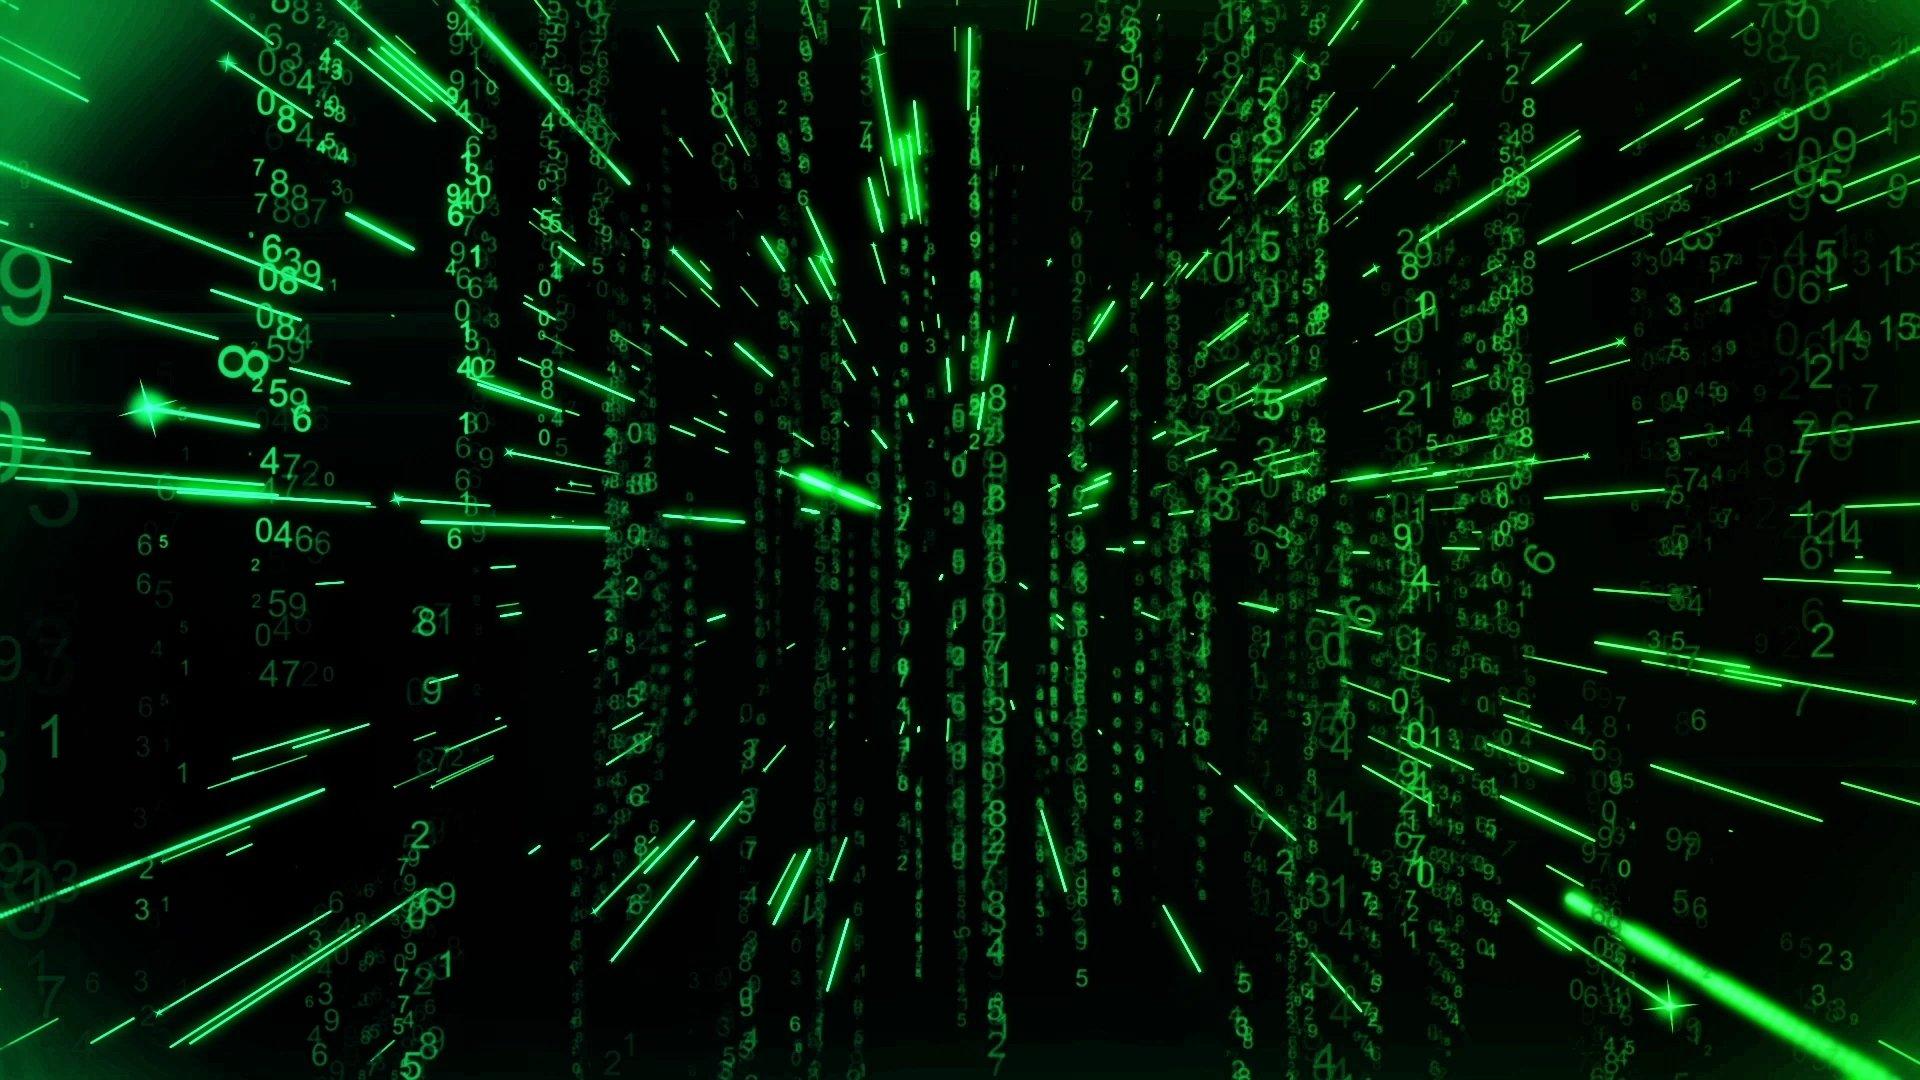 Matrix Wallpaper Download